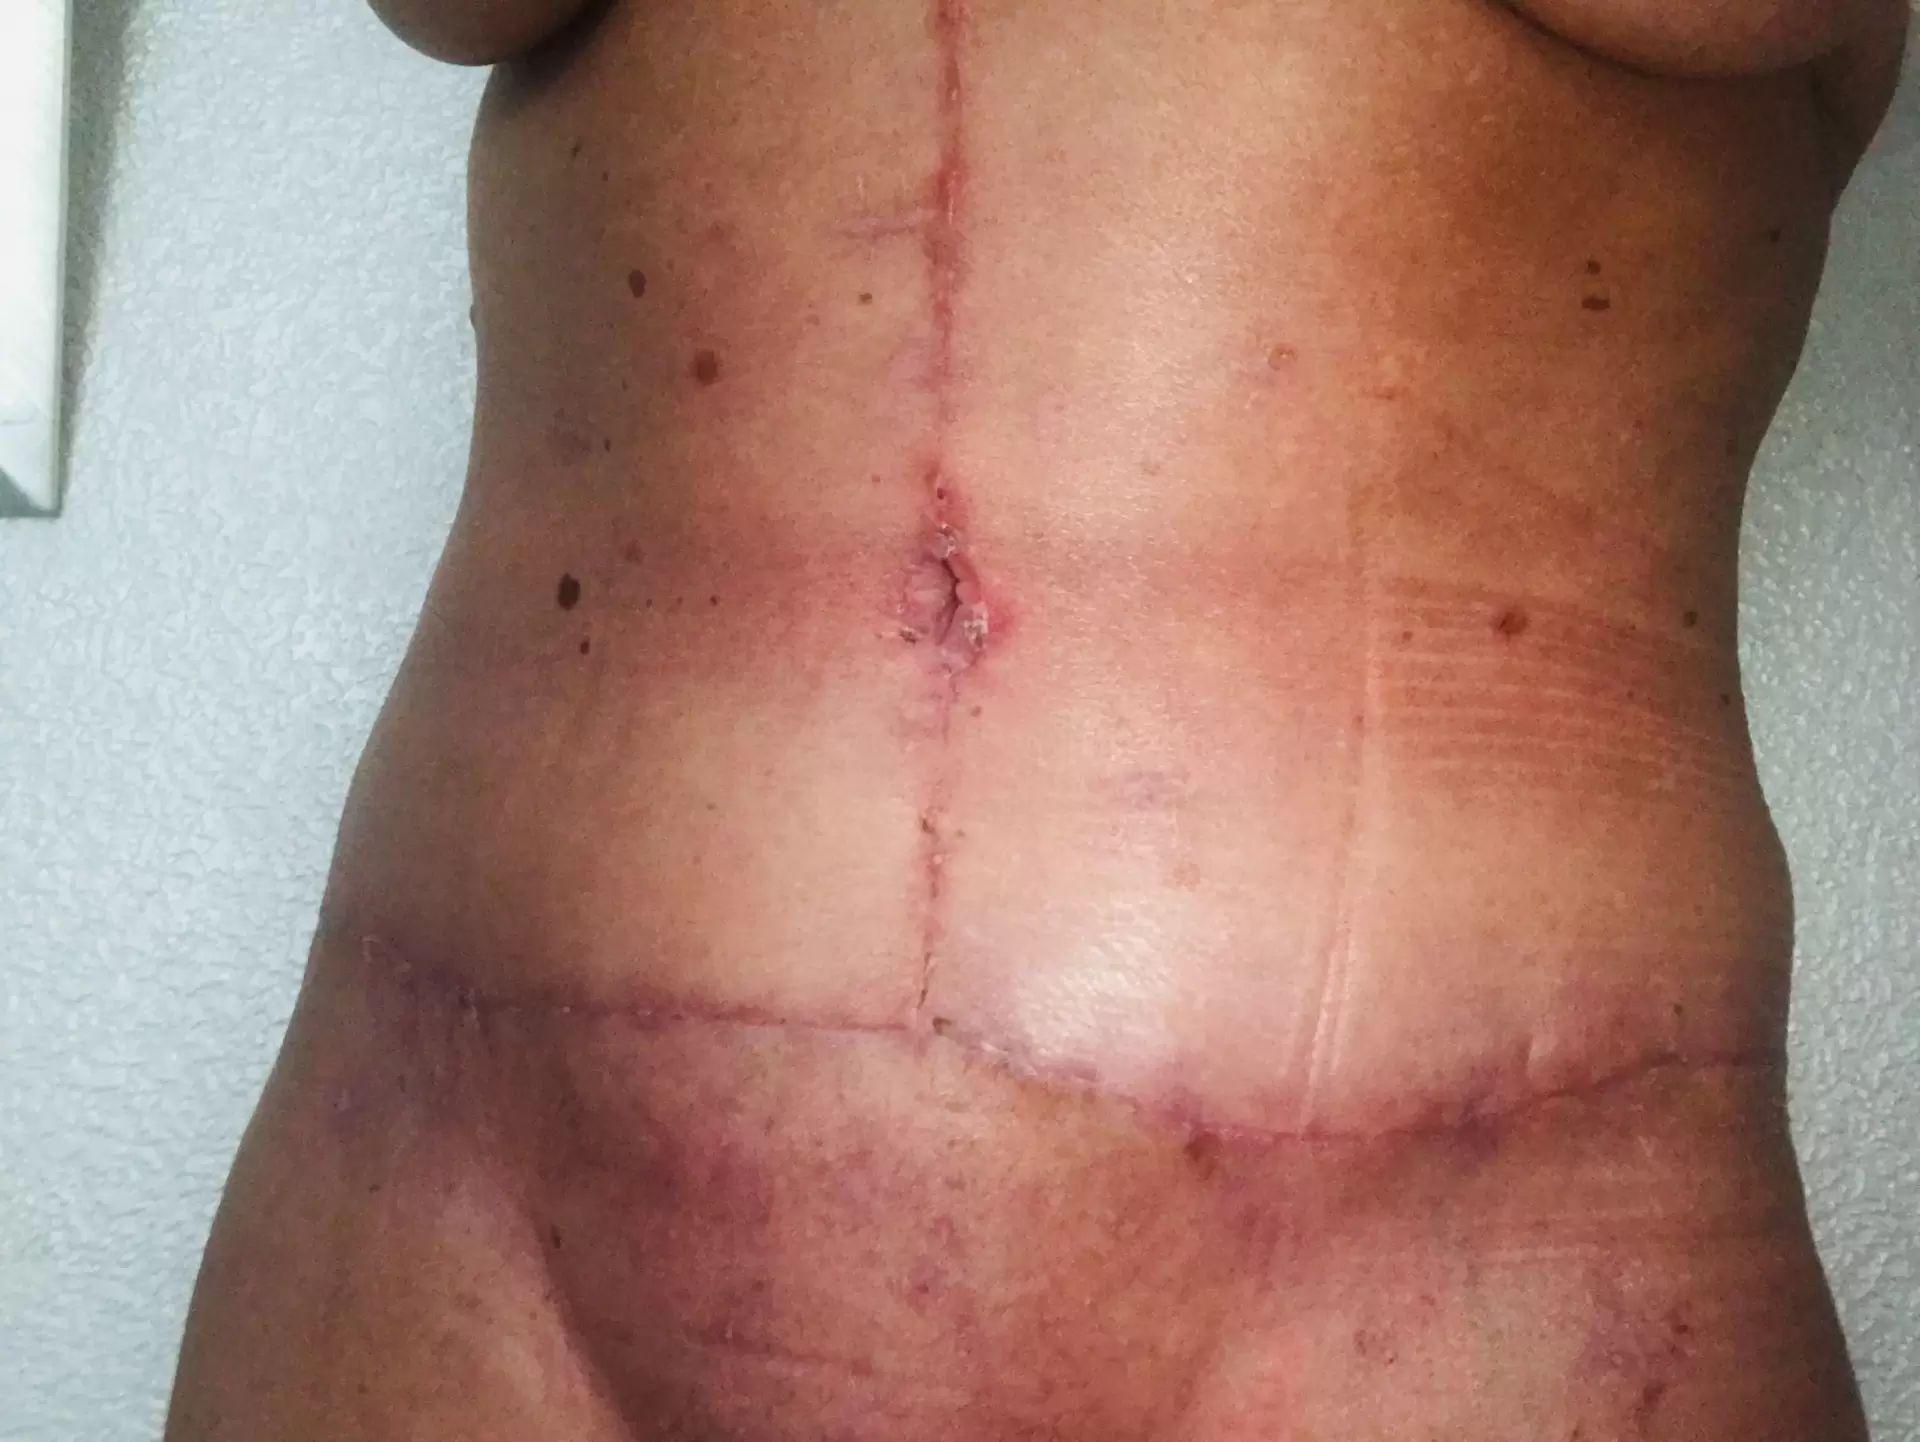 Fantastisches Ergebnis nach Bauchdeckenstraffung